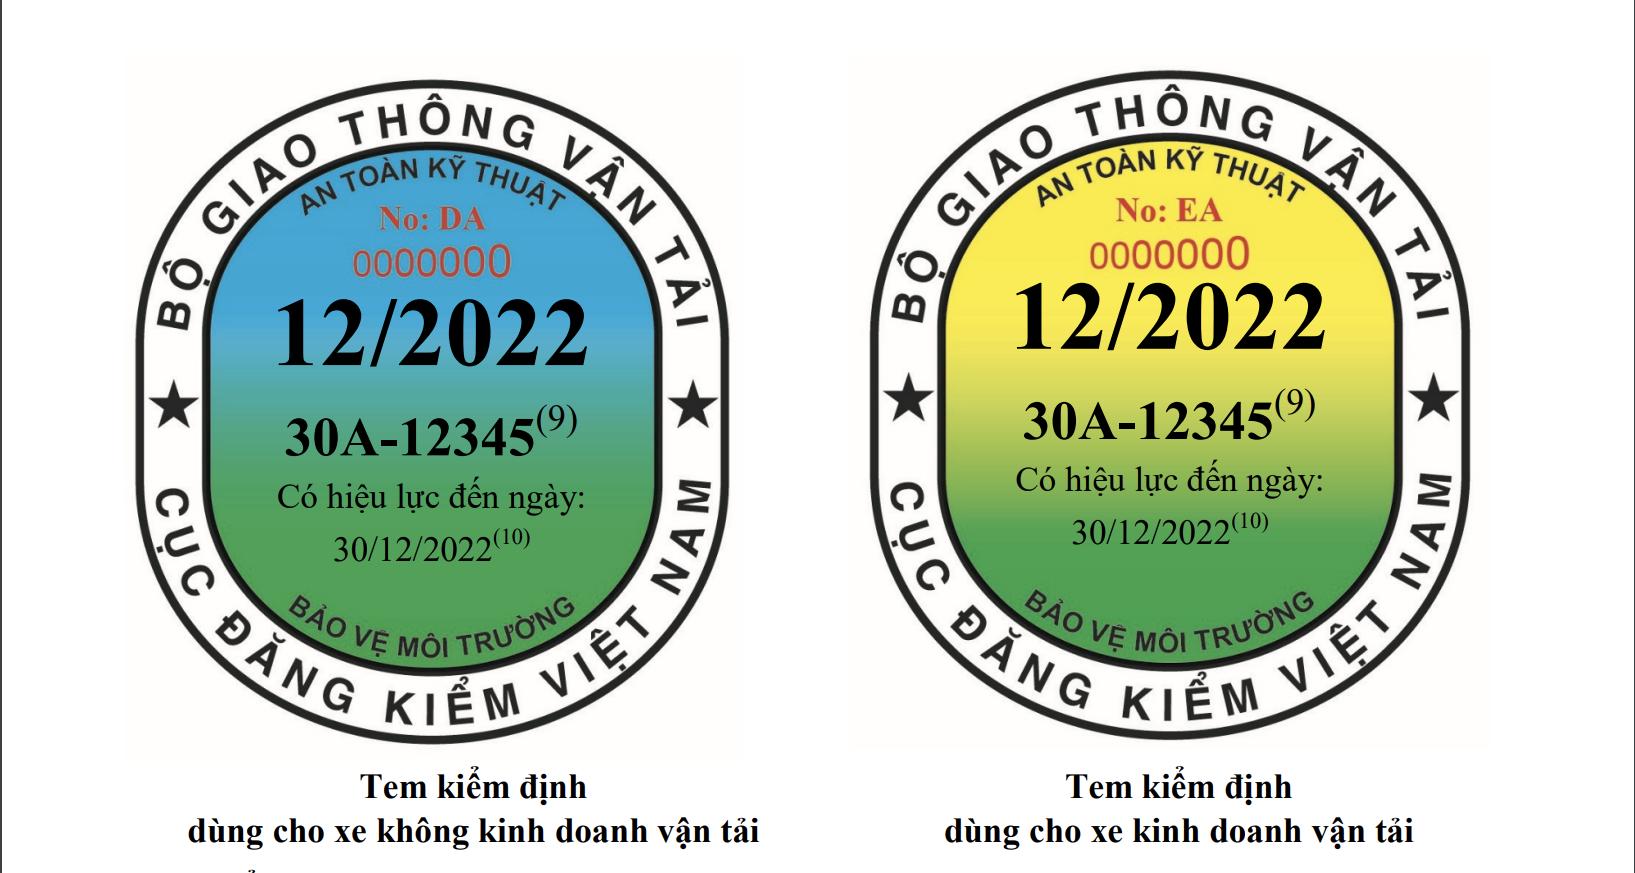 Thiết kế tem đăng kiểm cho ôtô với hai loại màu khác nhau cho xe kinh doanh vận tải và không kinh doanh vận tải theo hướng dẫn của Bộ GTVT, từ 1/10. Ảnh chụp từ Thông tư 16/2021